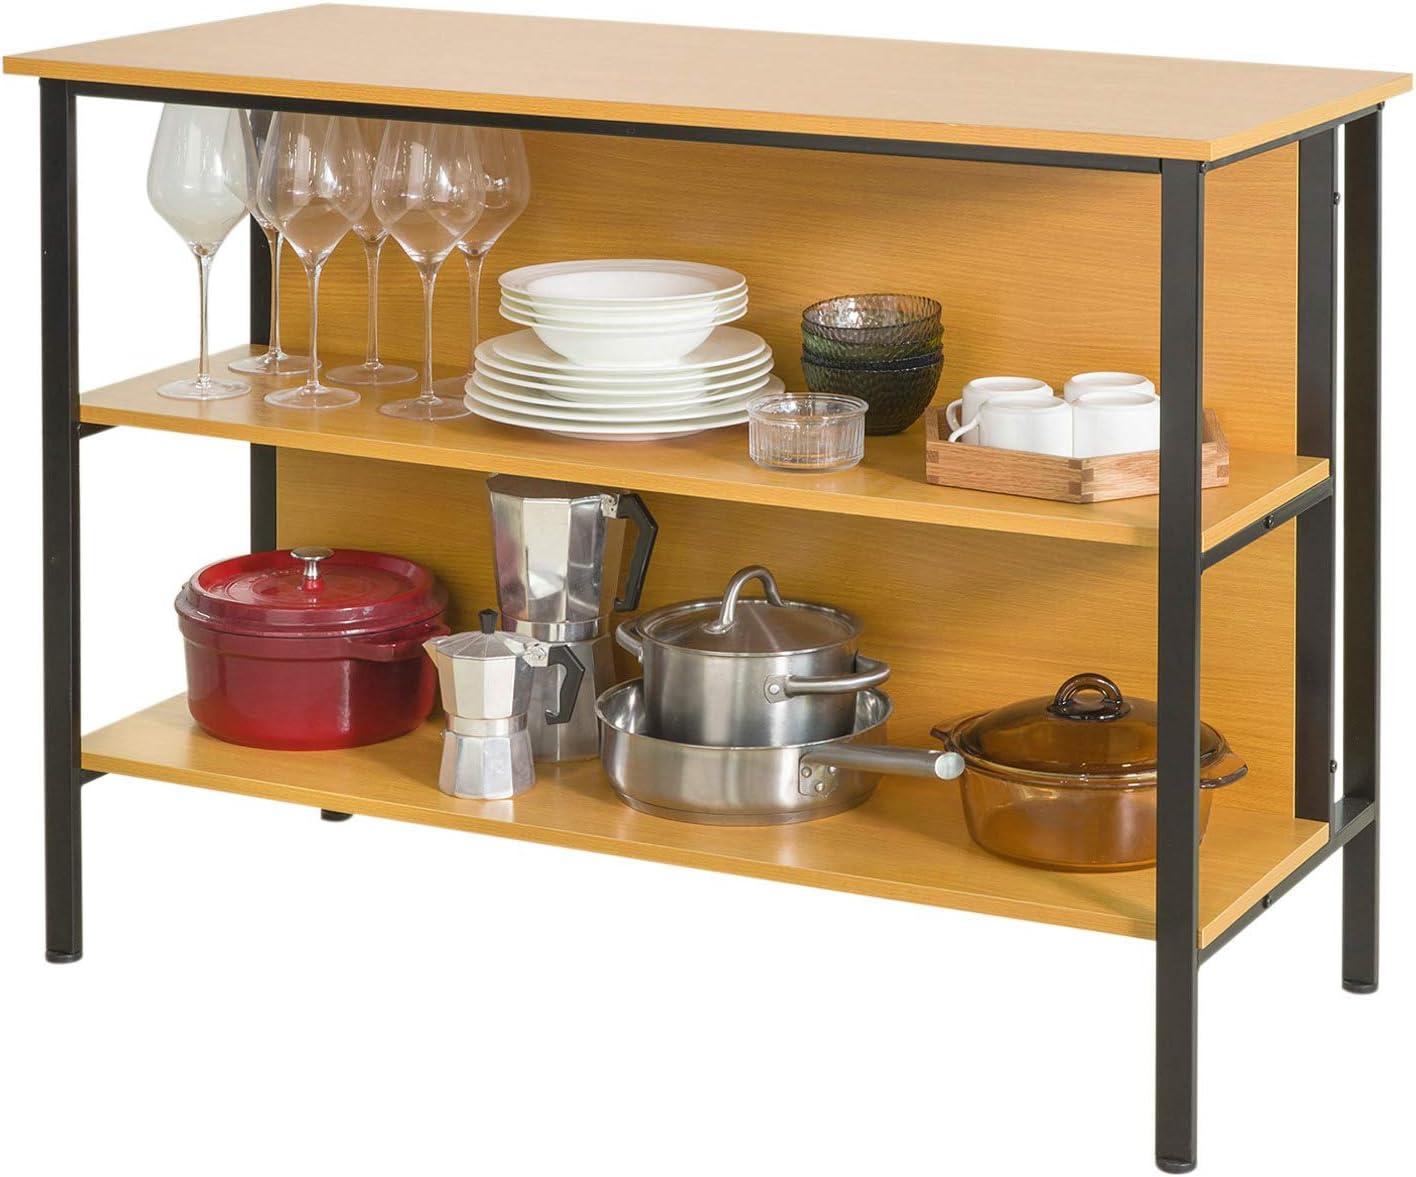 SoBuy Table Console Table de Cuisine Table Haute de Bar Buffet avec 2 /étag/ères de Rangement 110x50x80cm Bois Clair - FSB28-N